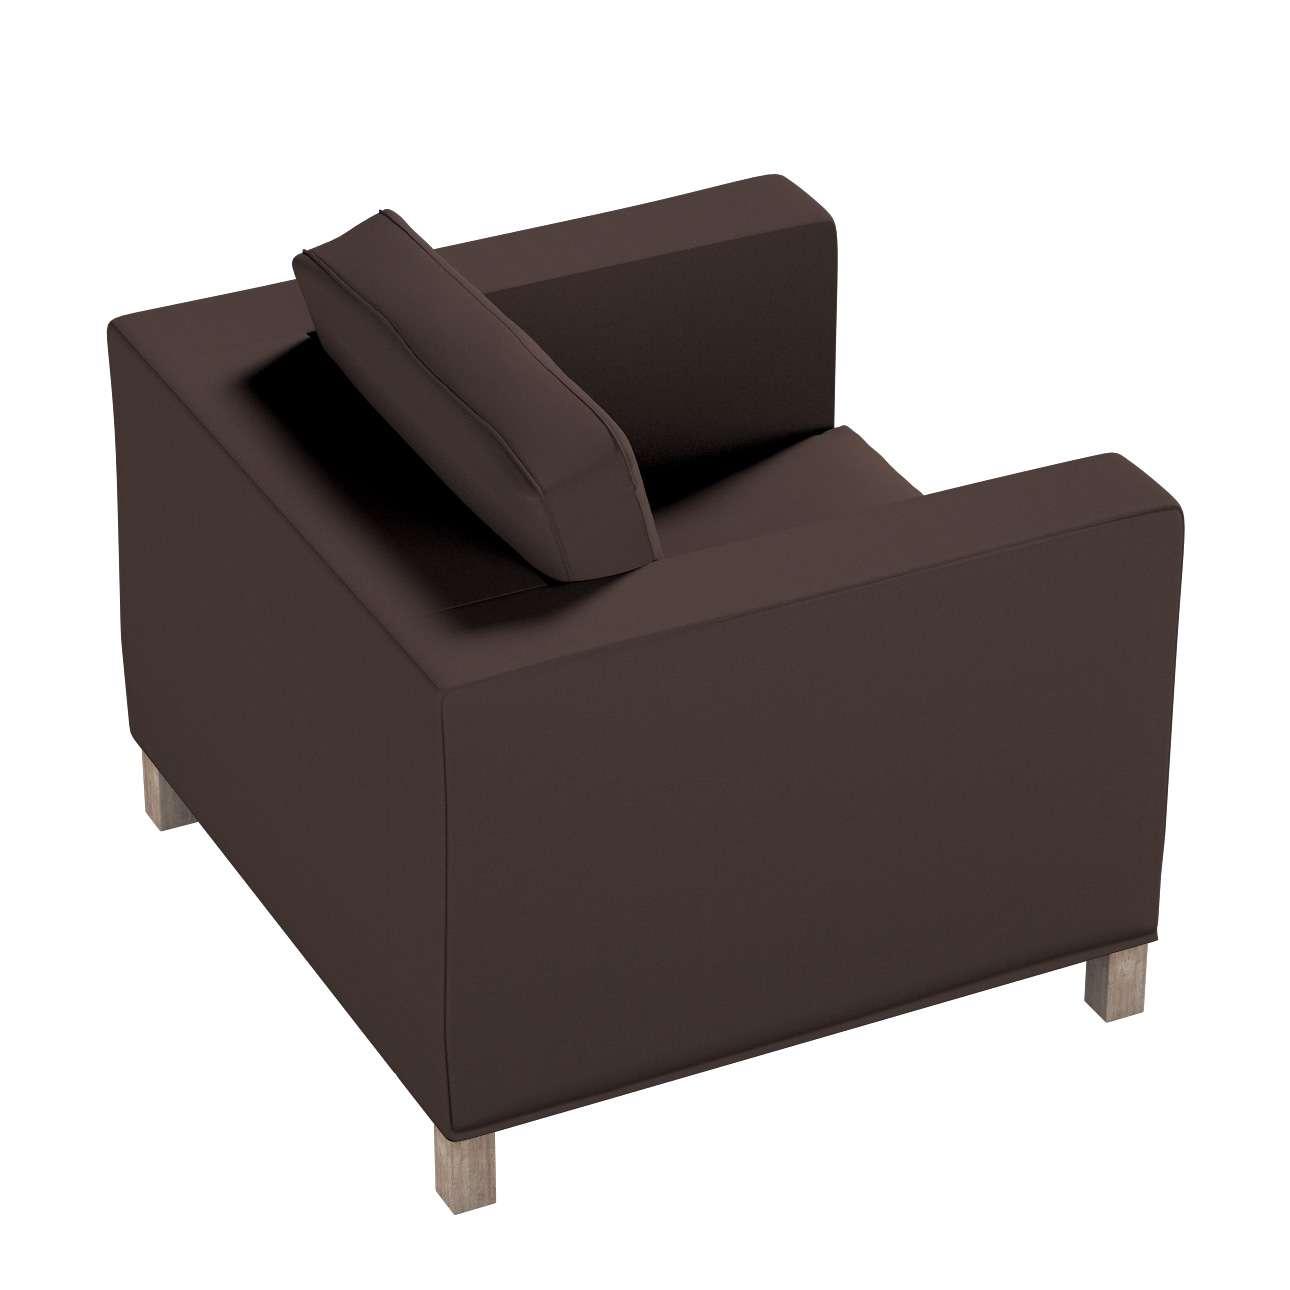 Pokrowiec na fotel Karlanda, krótki w kolekcji Cotton Panama, tkanina: 702-03